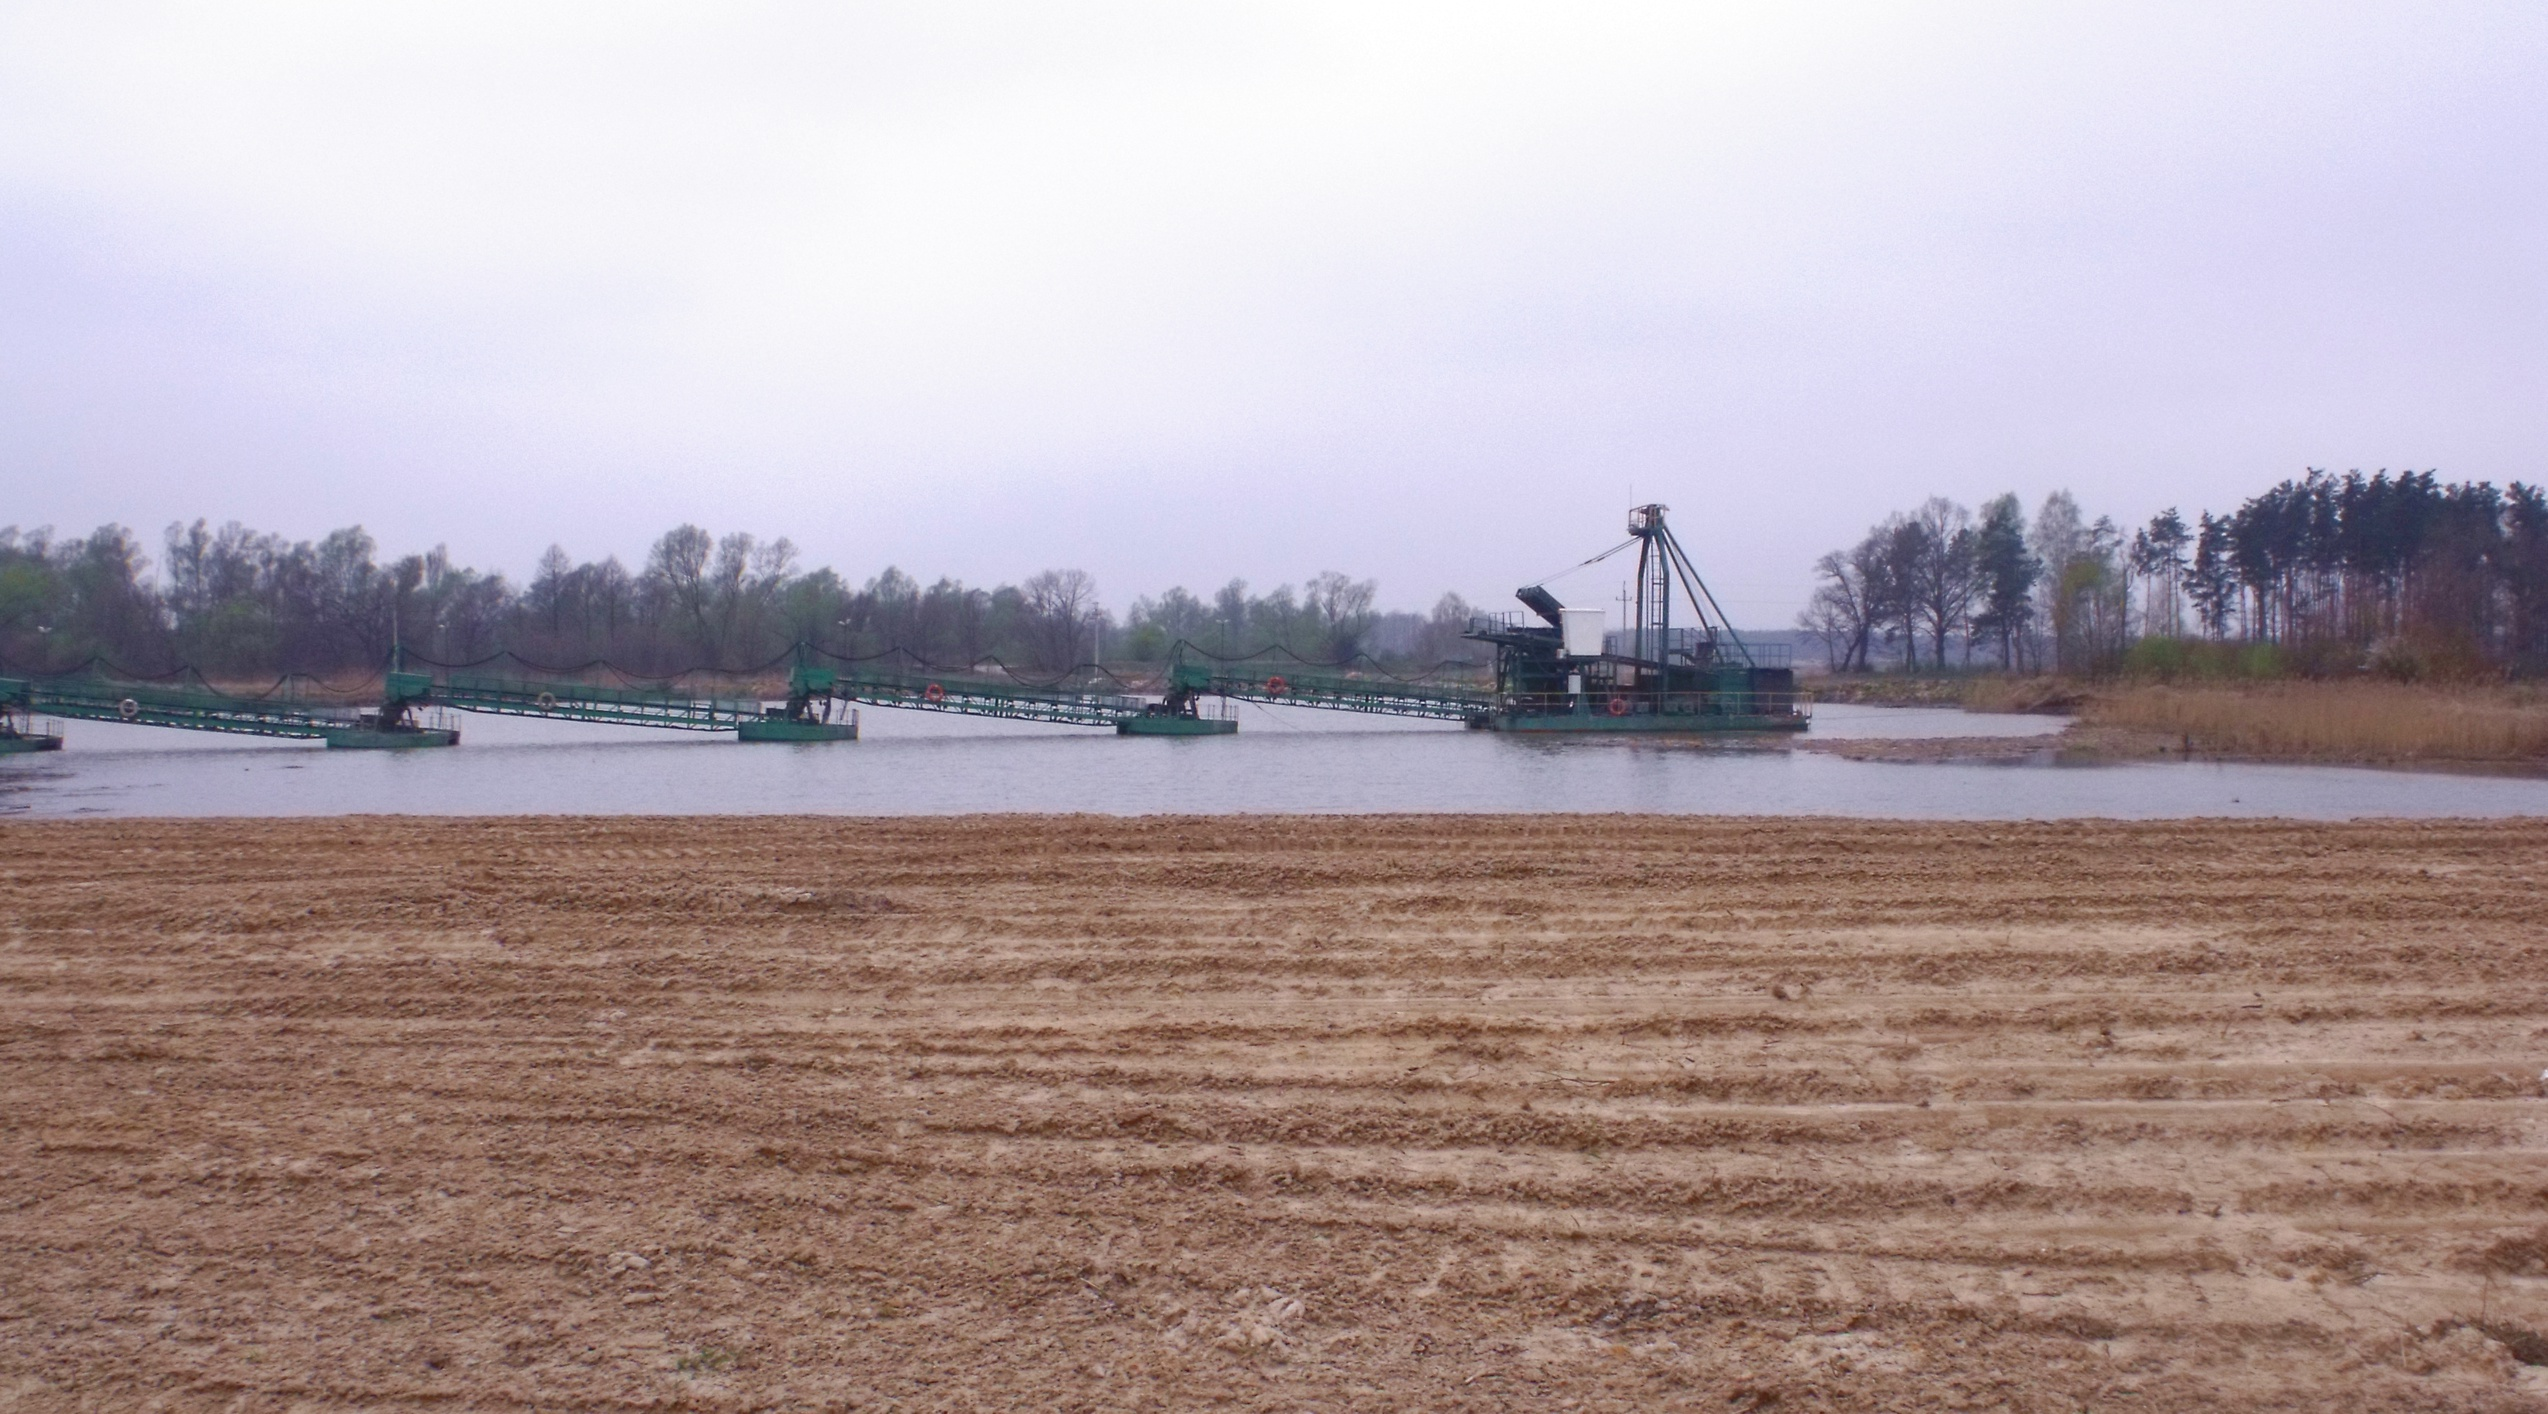 Wnioski o udzielenie koncesji na wydobywanie kopalin